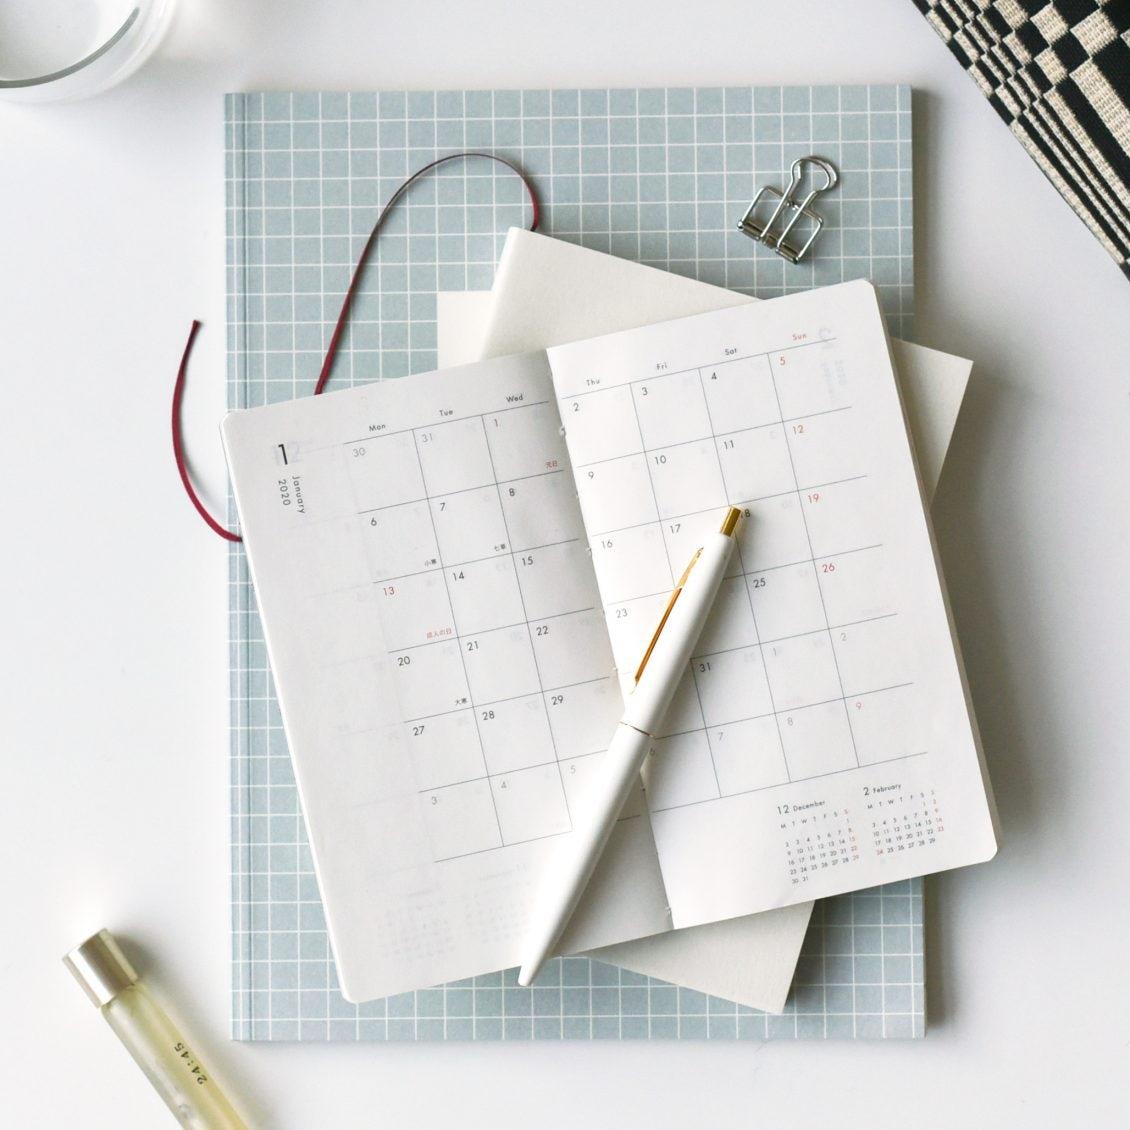 【手帳の書き方】前編:スマホと手帳どうやって使い分ける?プロに教わりました。